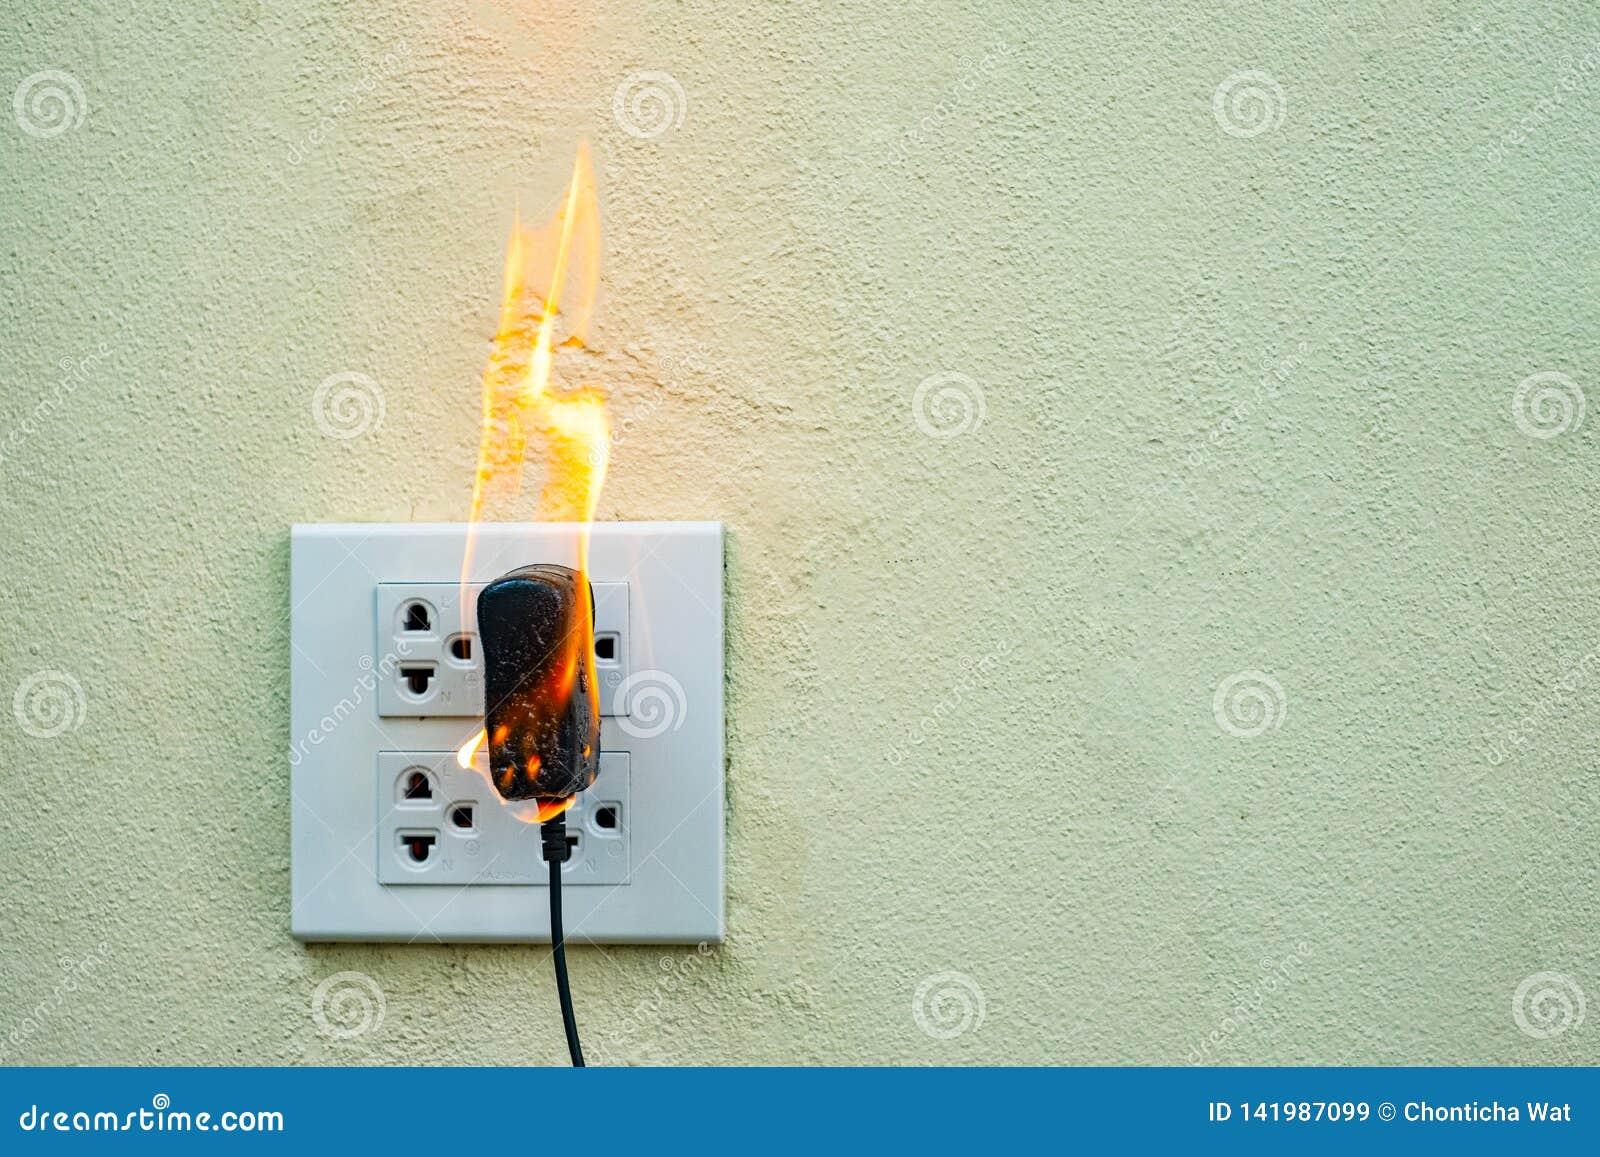 在火电线插座容器和适配器上在白色背景